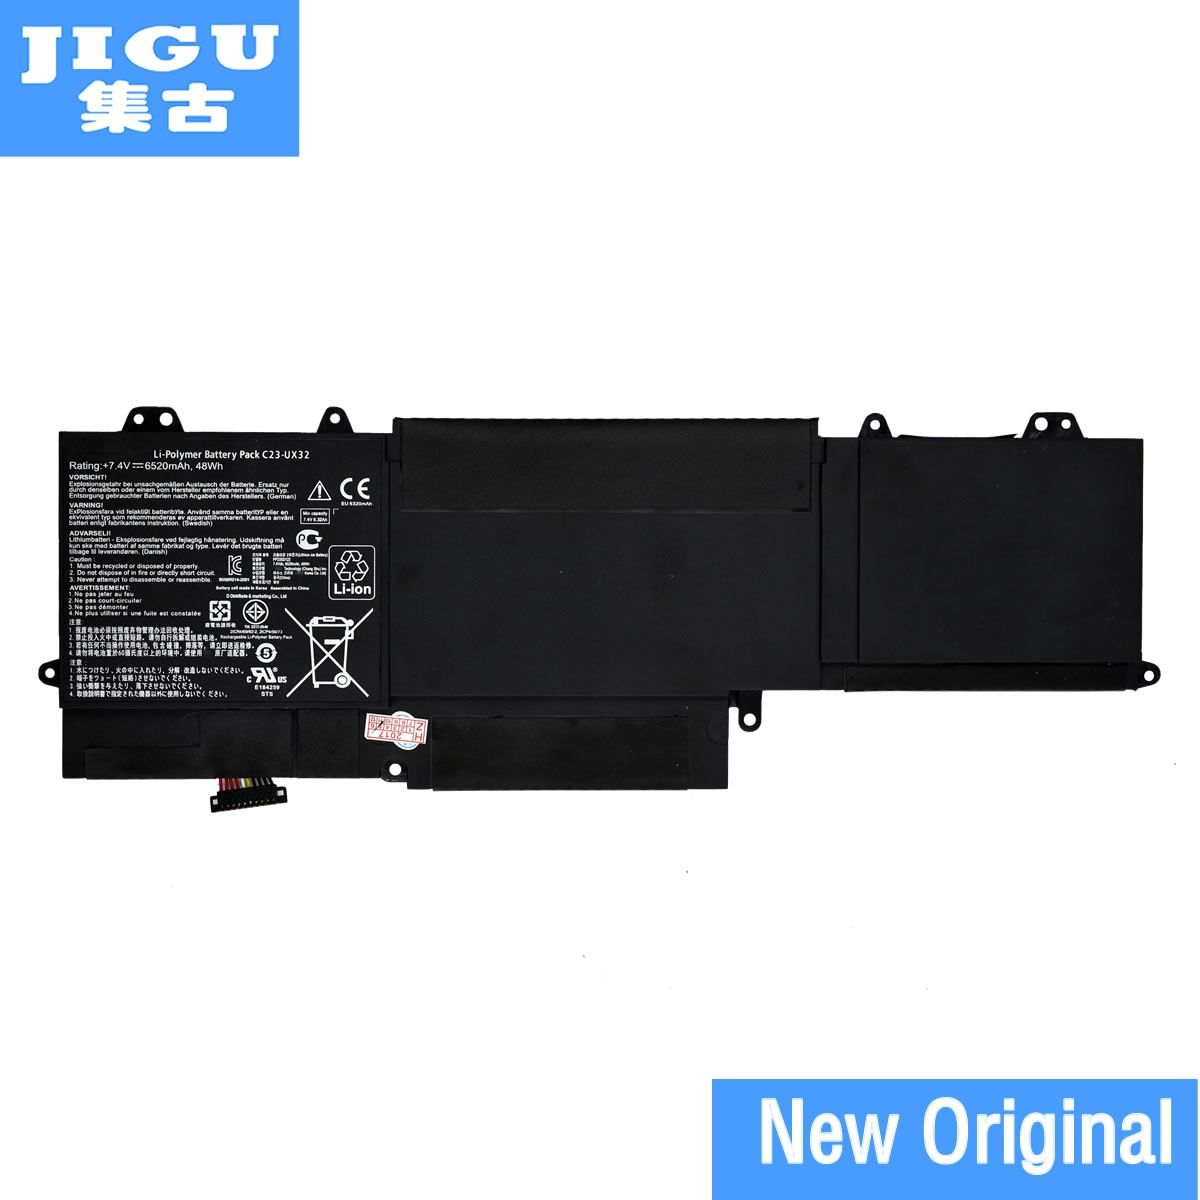 JIGU C23-UX32 Original laptop Battery For Asus VivoBook U38N U38K U38DT for Zenbook UX32 UX32VD UX32LA 7.4V 48WH